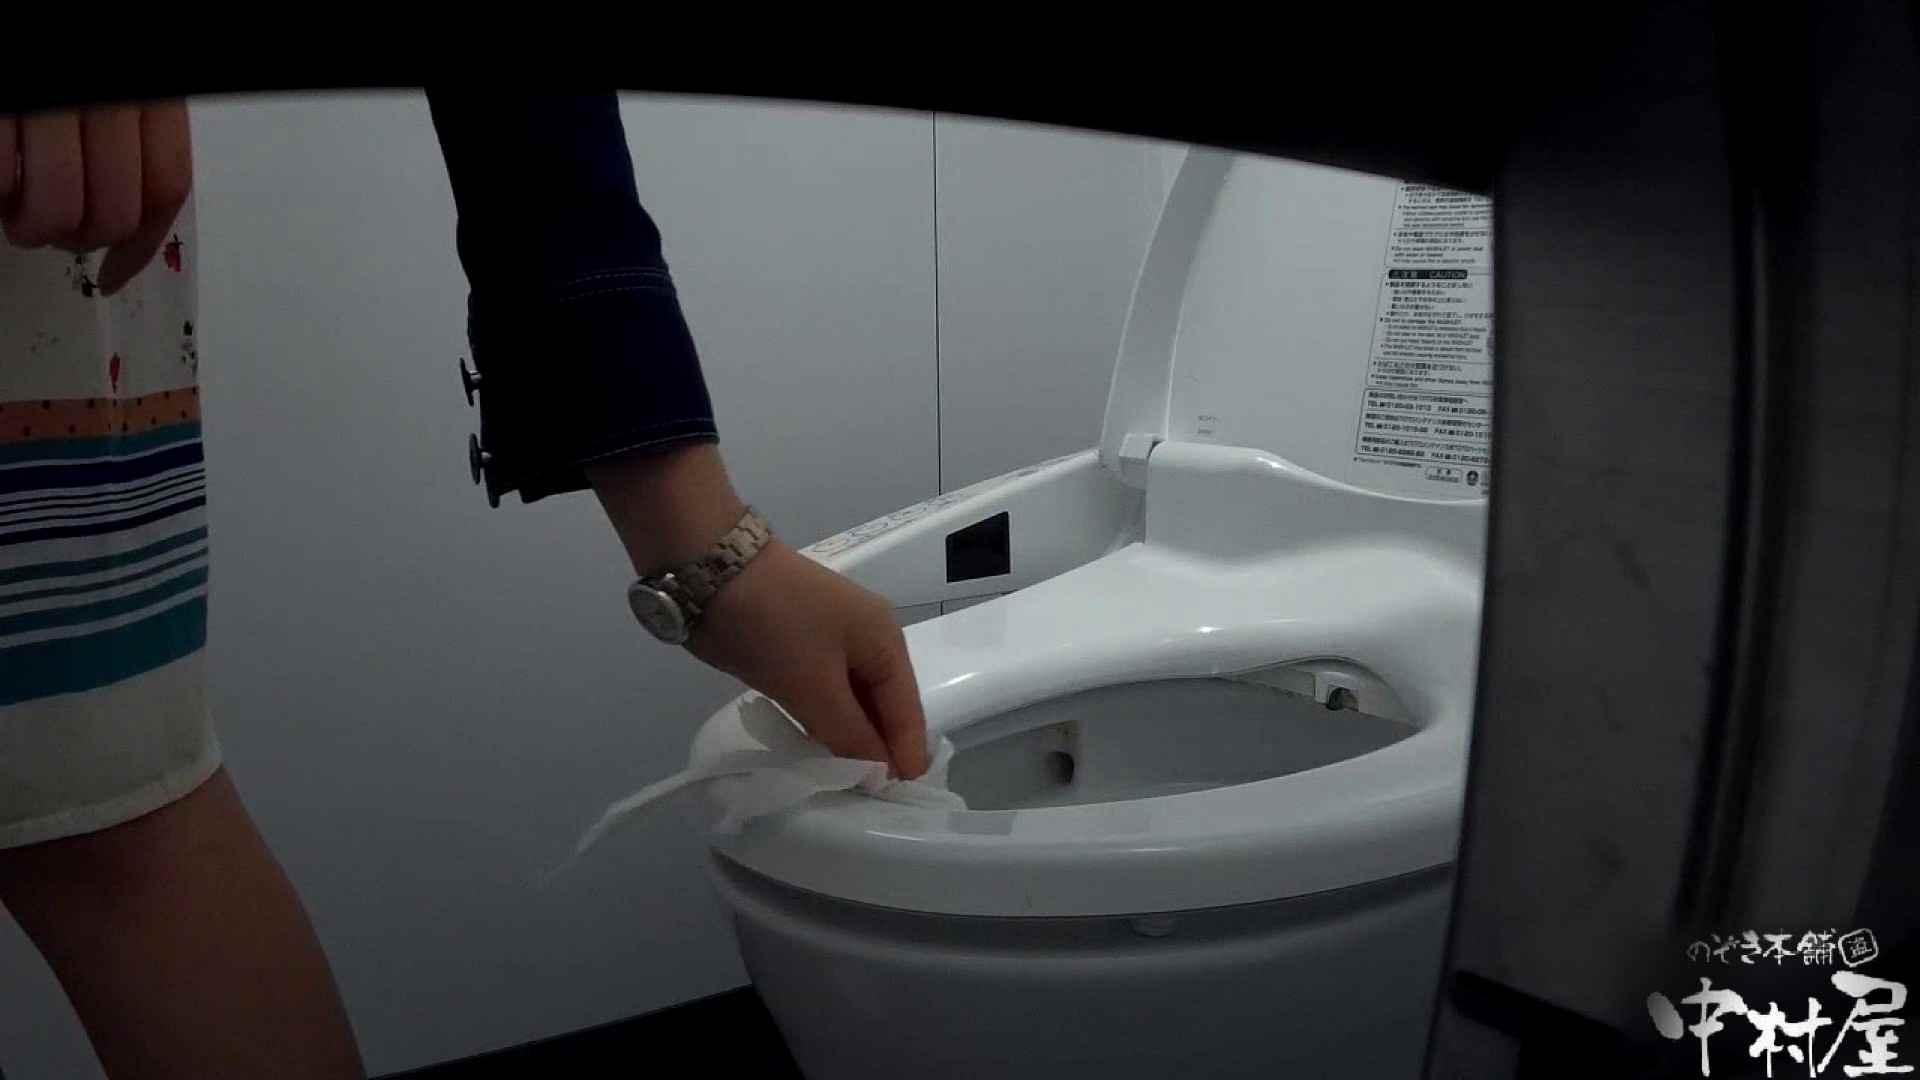 【某有名大学女性洗面所】有名大学女性洗面所 vol.37 ついでにアンダーヘアーの状態確認ですね。 OL  48連発 24